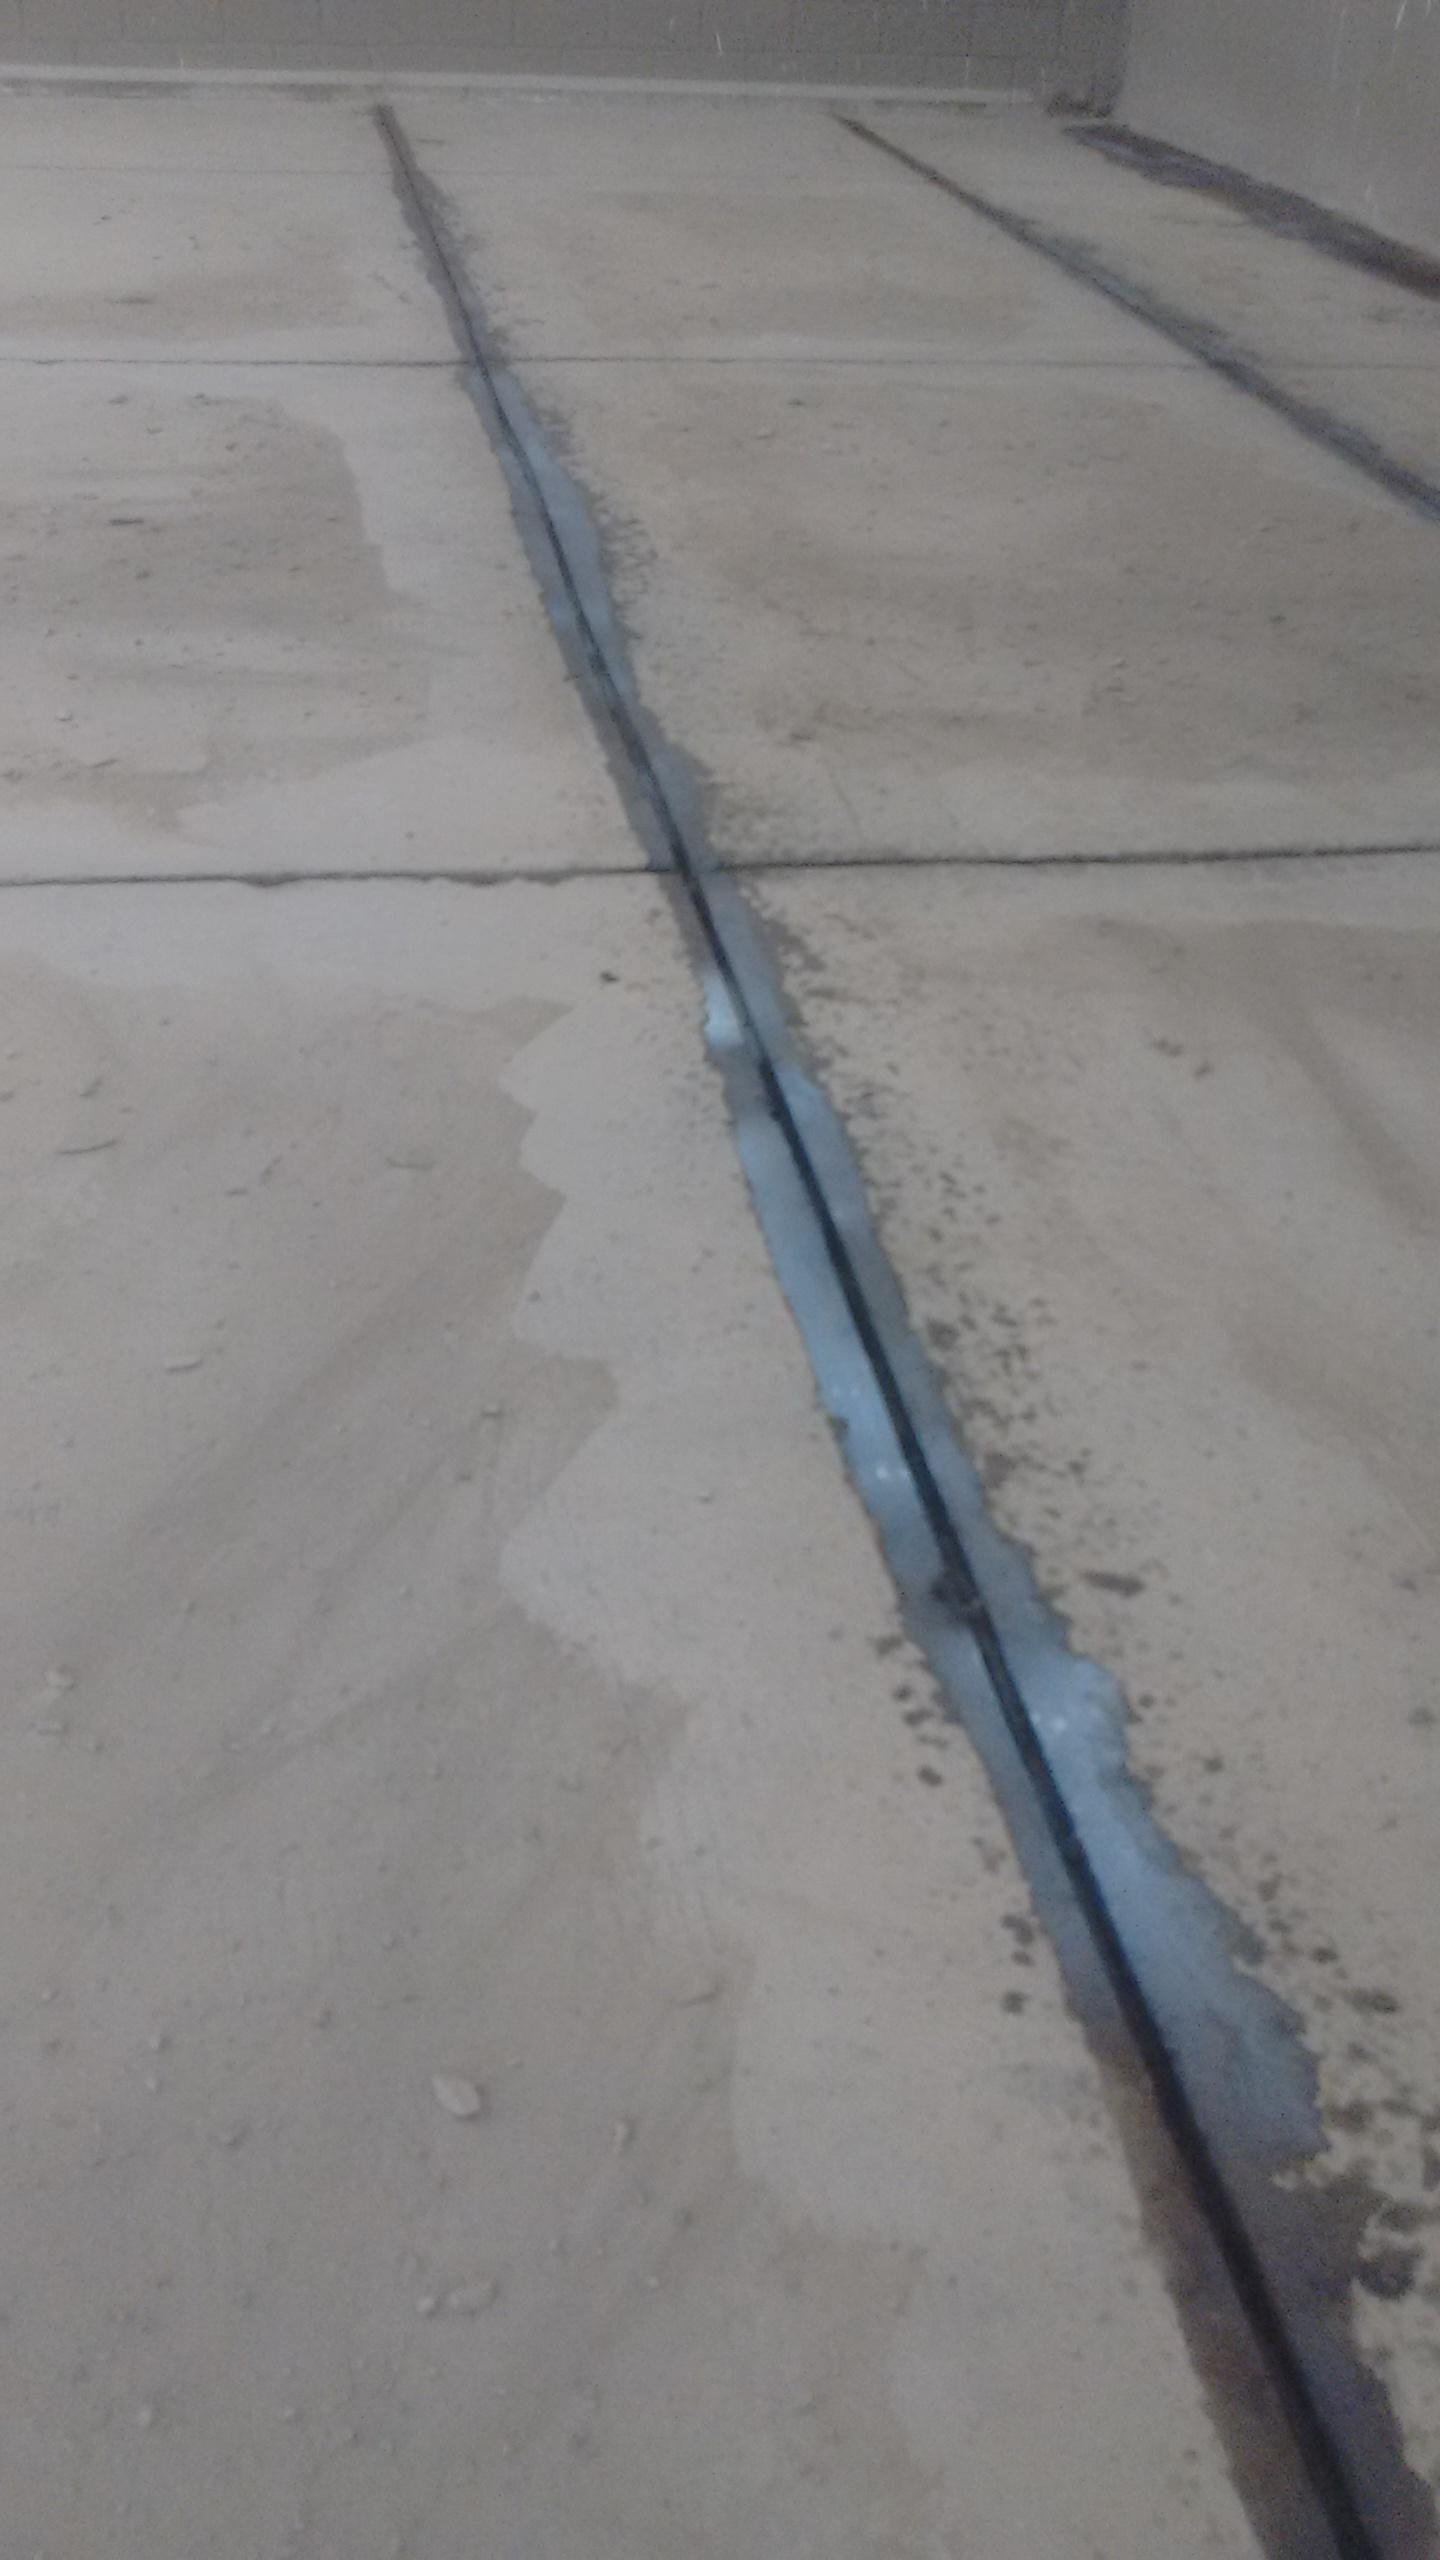 Rev Autonivelante uretano5mm - deposito de agua  - Santuario 07dez16 (9)